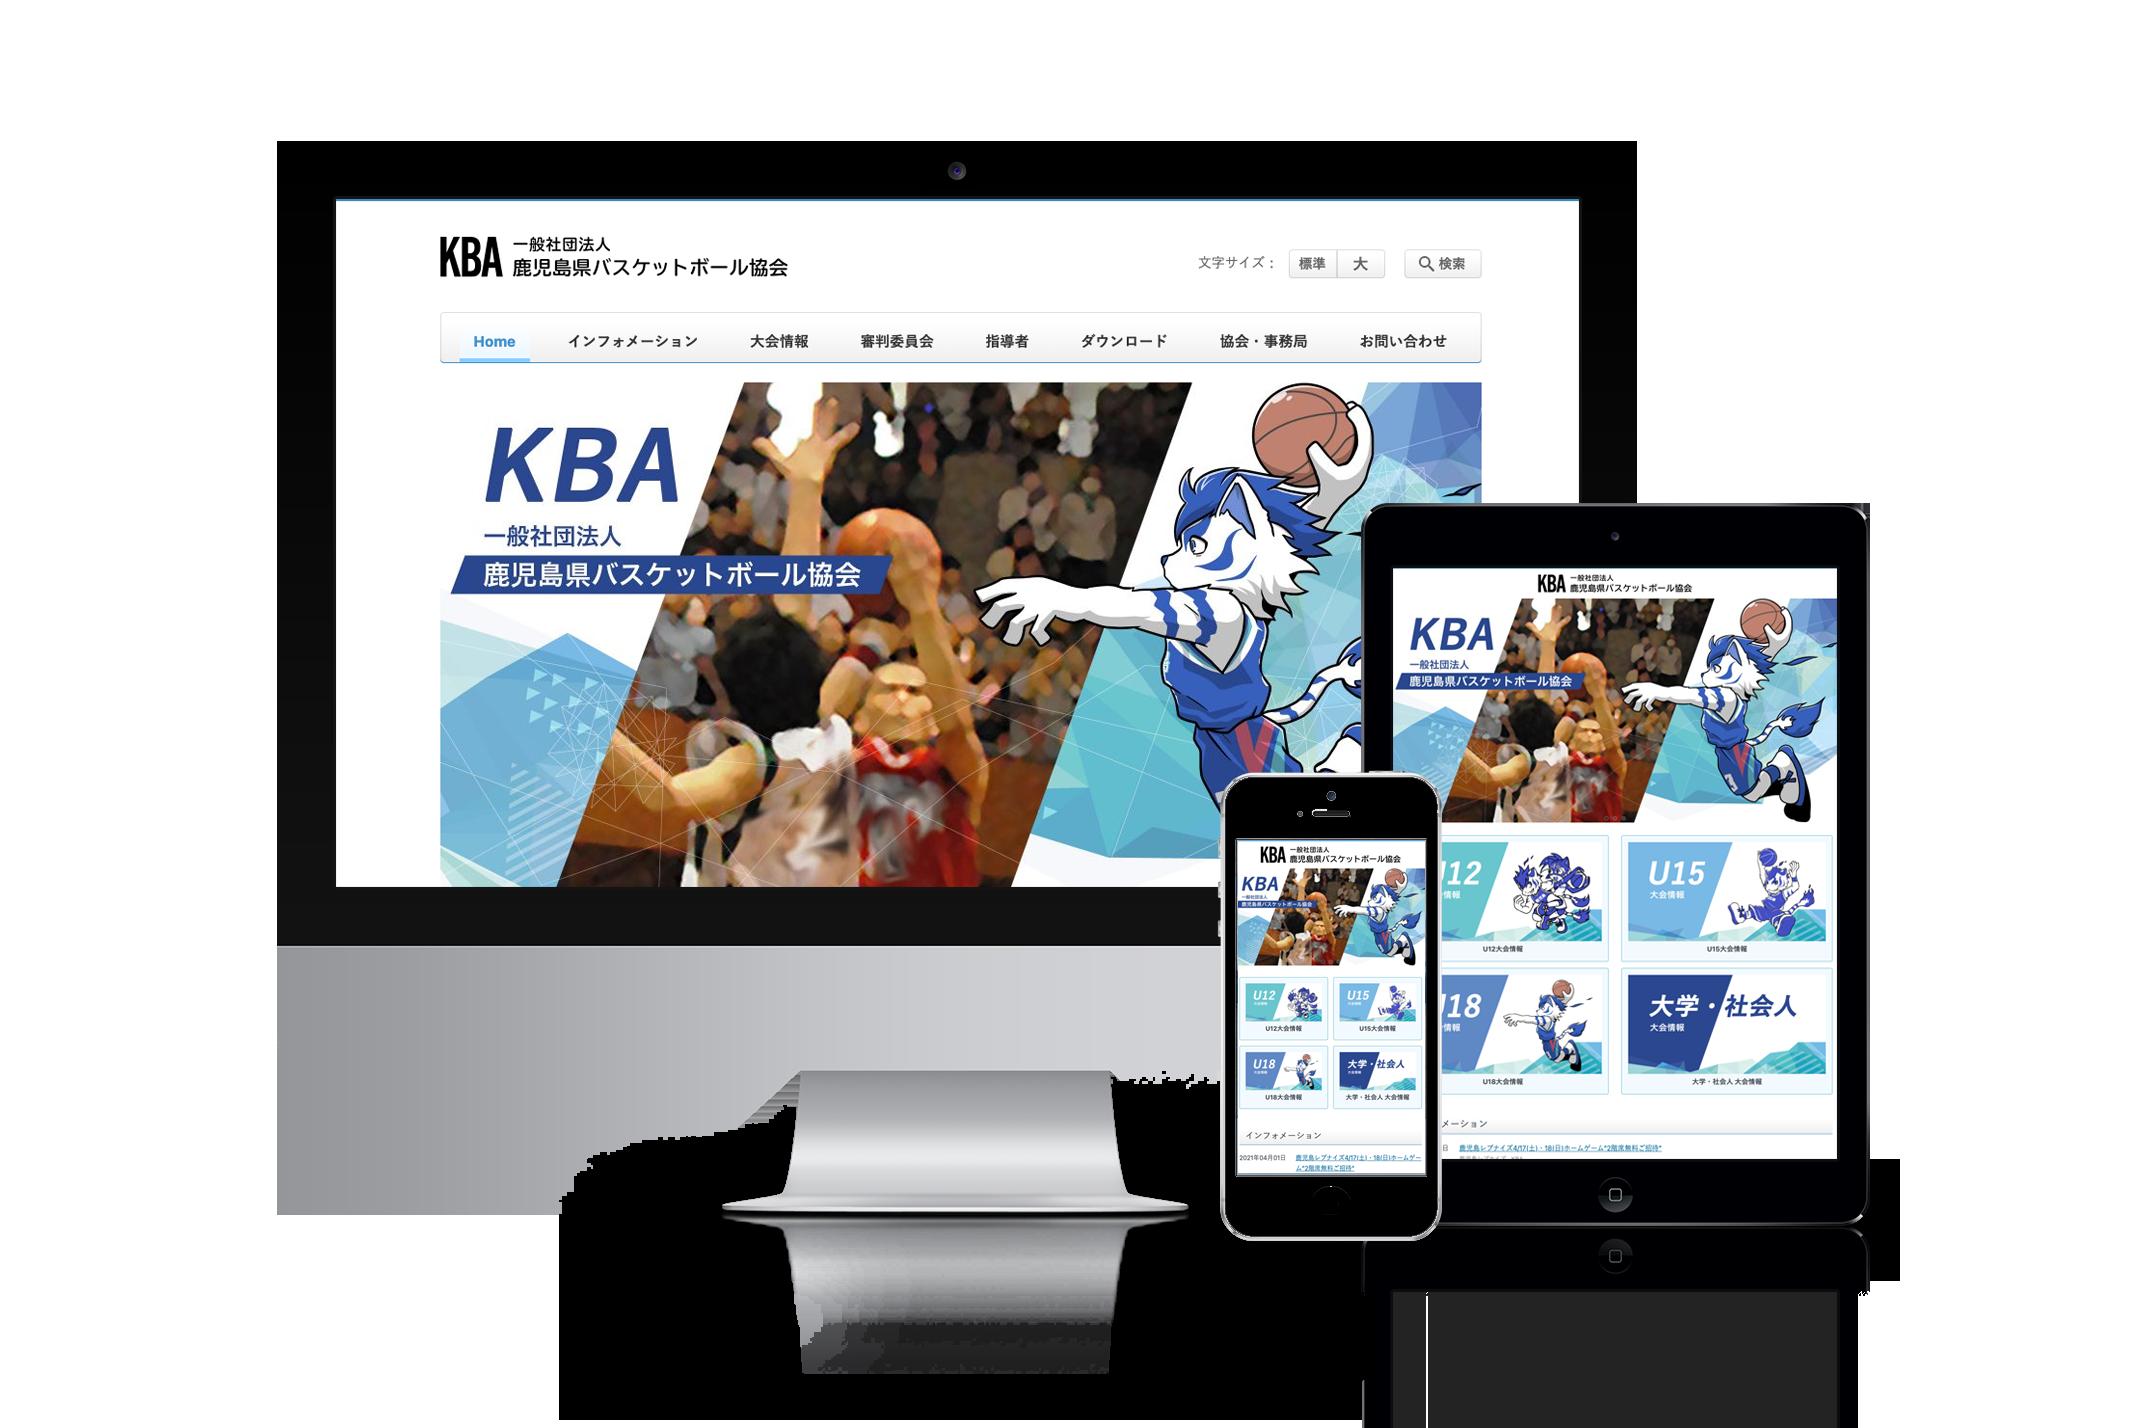 セレサイト制作実績「一般社団法人 鹿児島県バスケットボール協会」